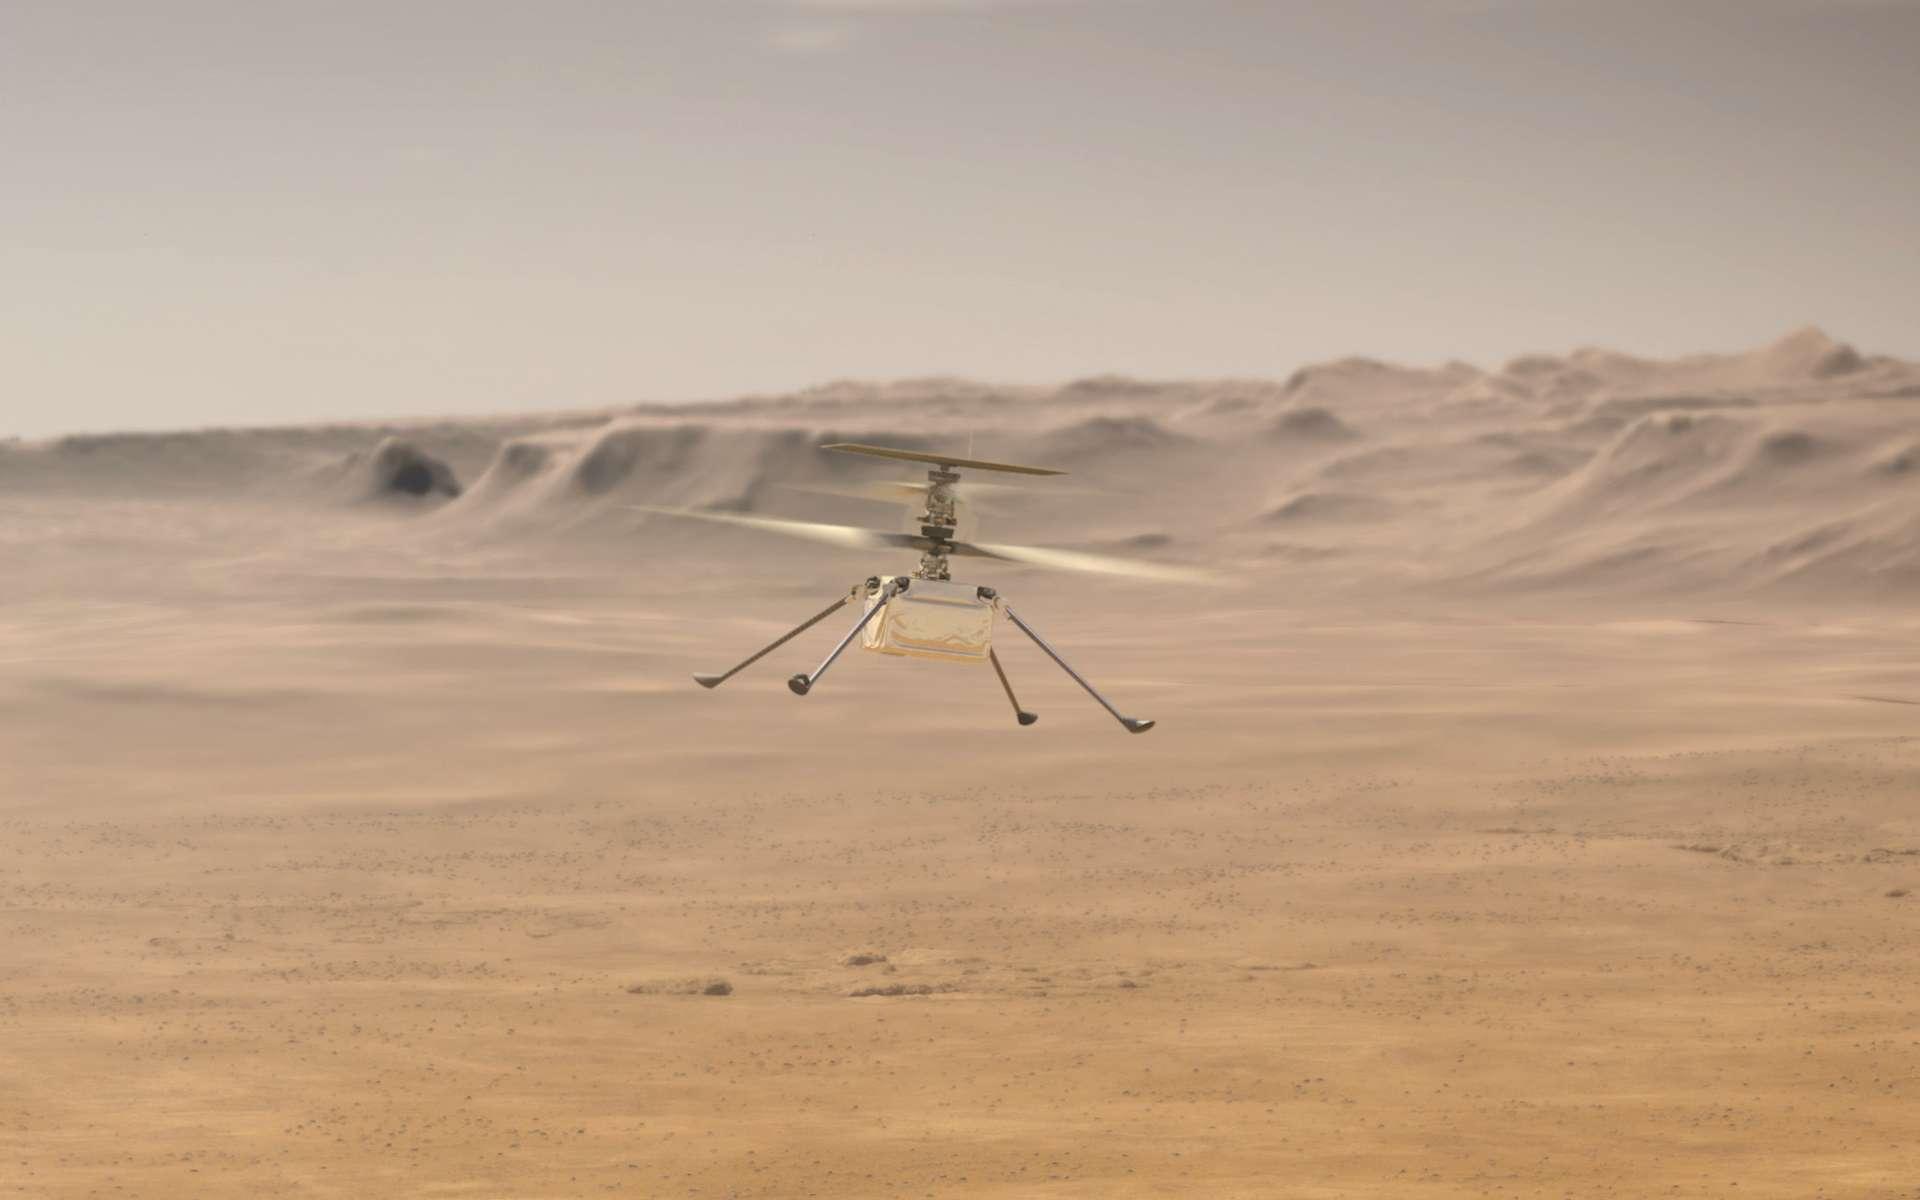 Un nouveau vol plus complexe que les autres réussi avec succès pour Ingenuity. Le dixième au-dessus de la surface de Mars pour l'hélicoptère de la Nasa qui a désormais parcouru au total la distance symbolique de plus d'un mile, soit environ 1,605 kilomètres. © Nasa, JPL Caltech